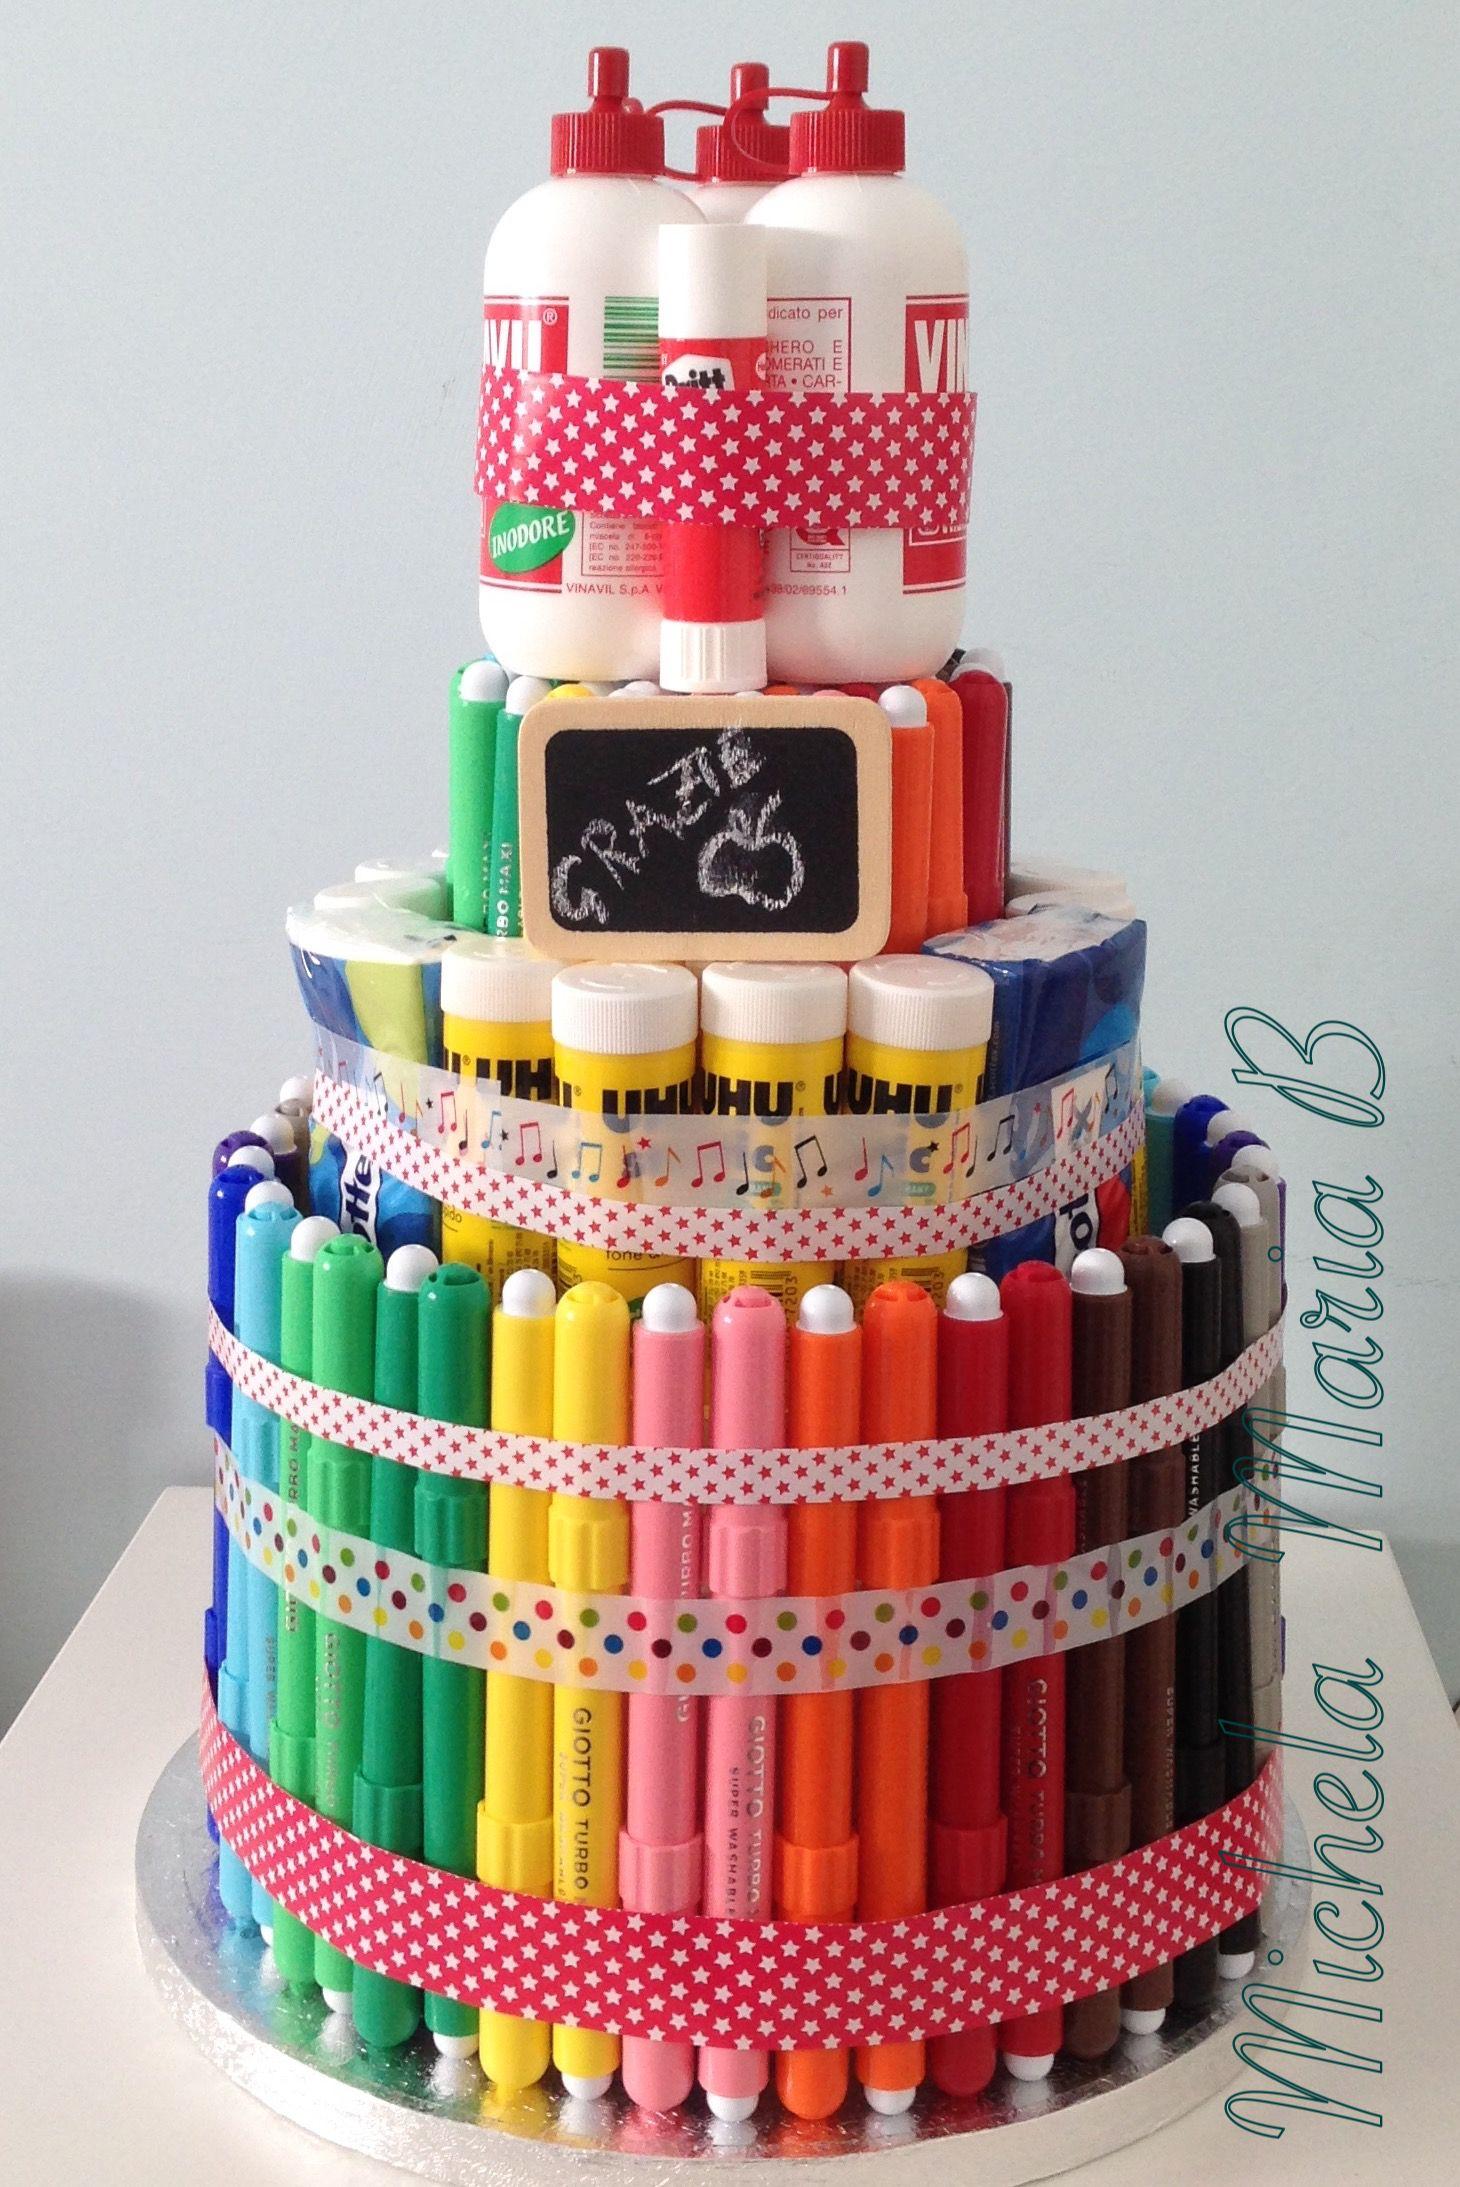 Torta regalo fine anno alle maestre. | Torta regalo, Torta con